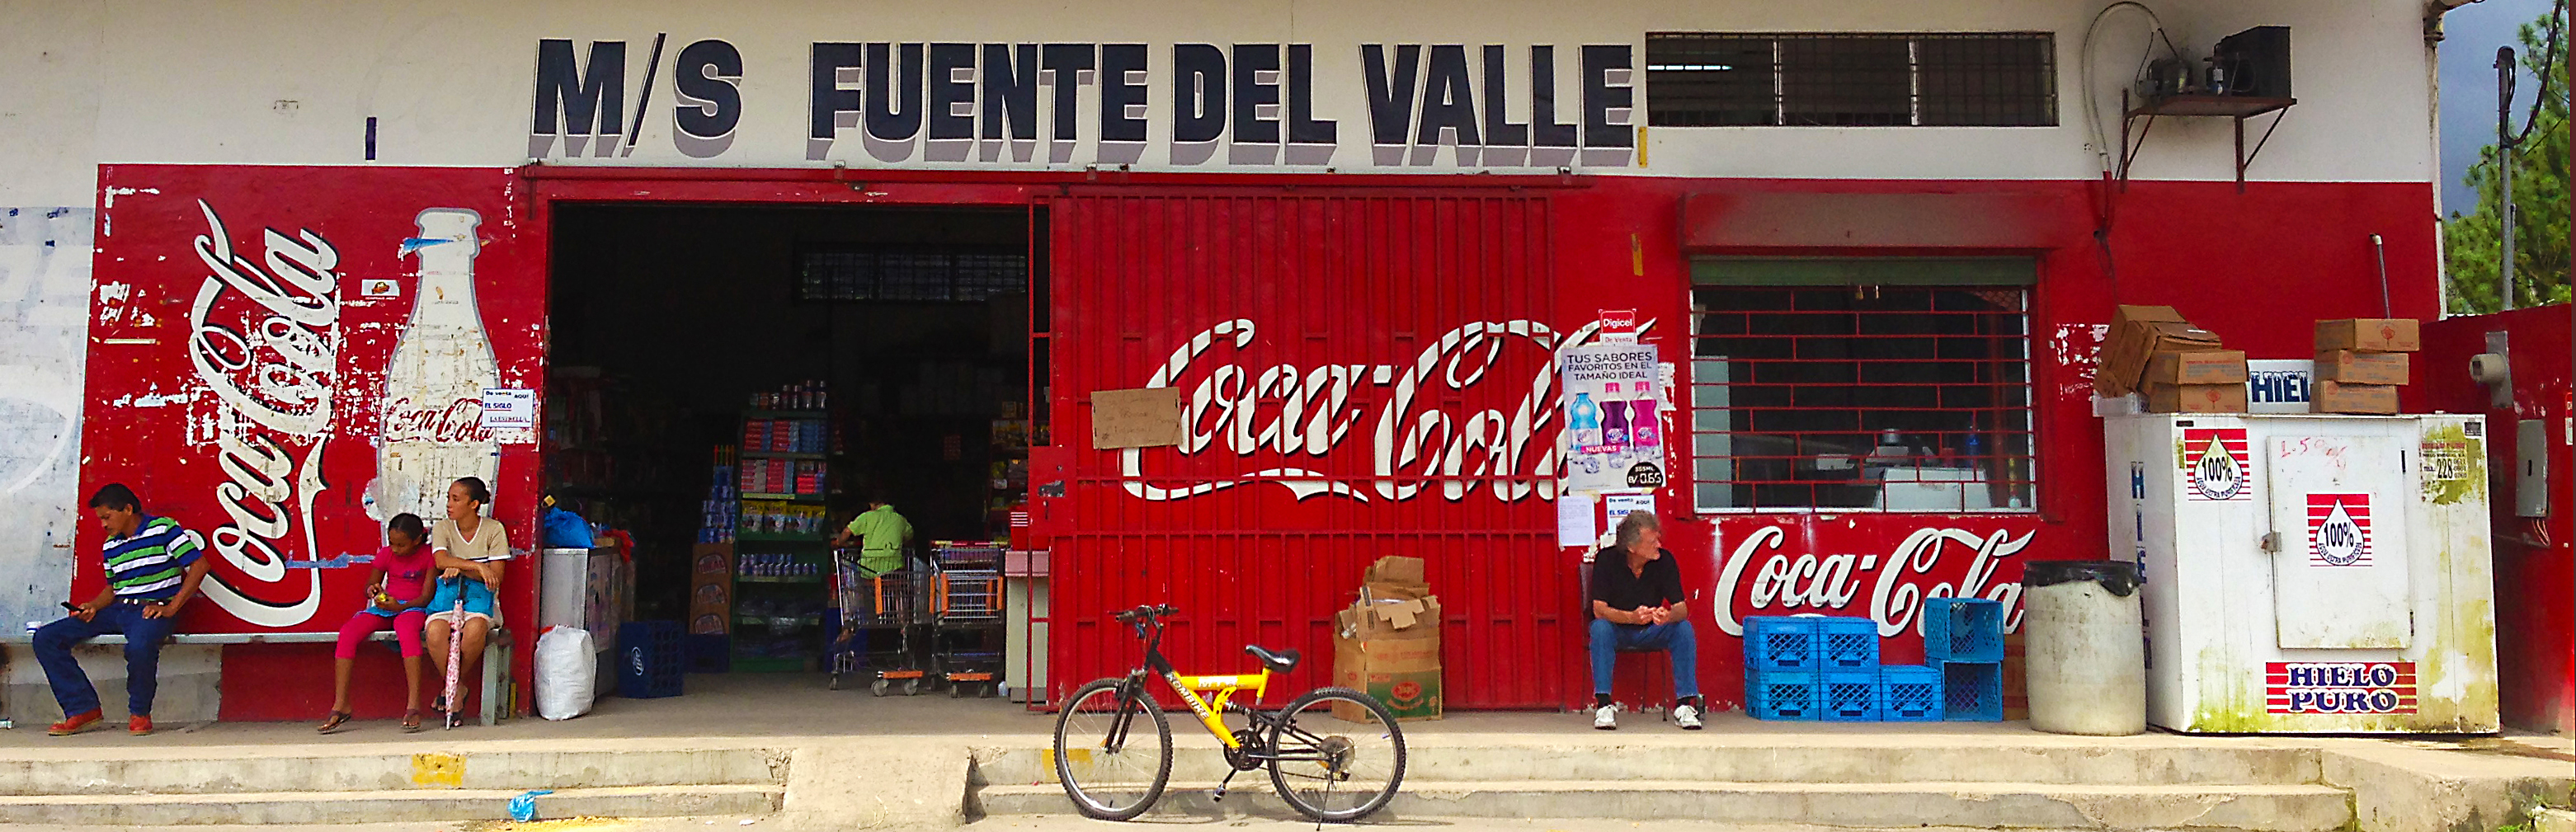 Fuente del Valle, Panama